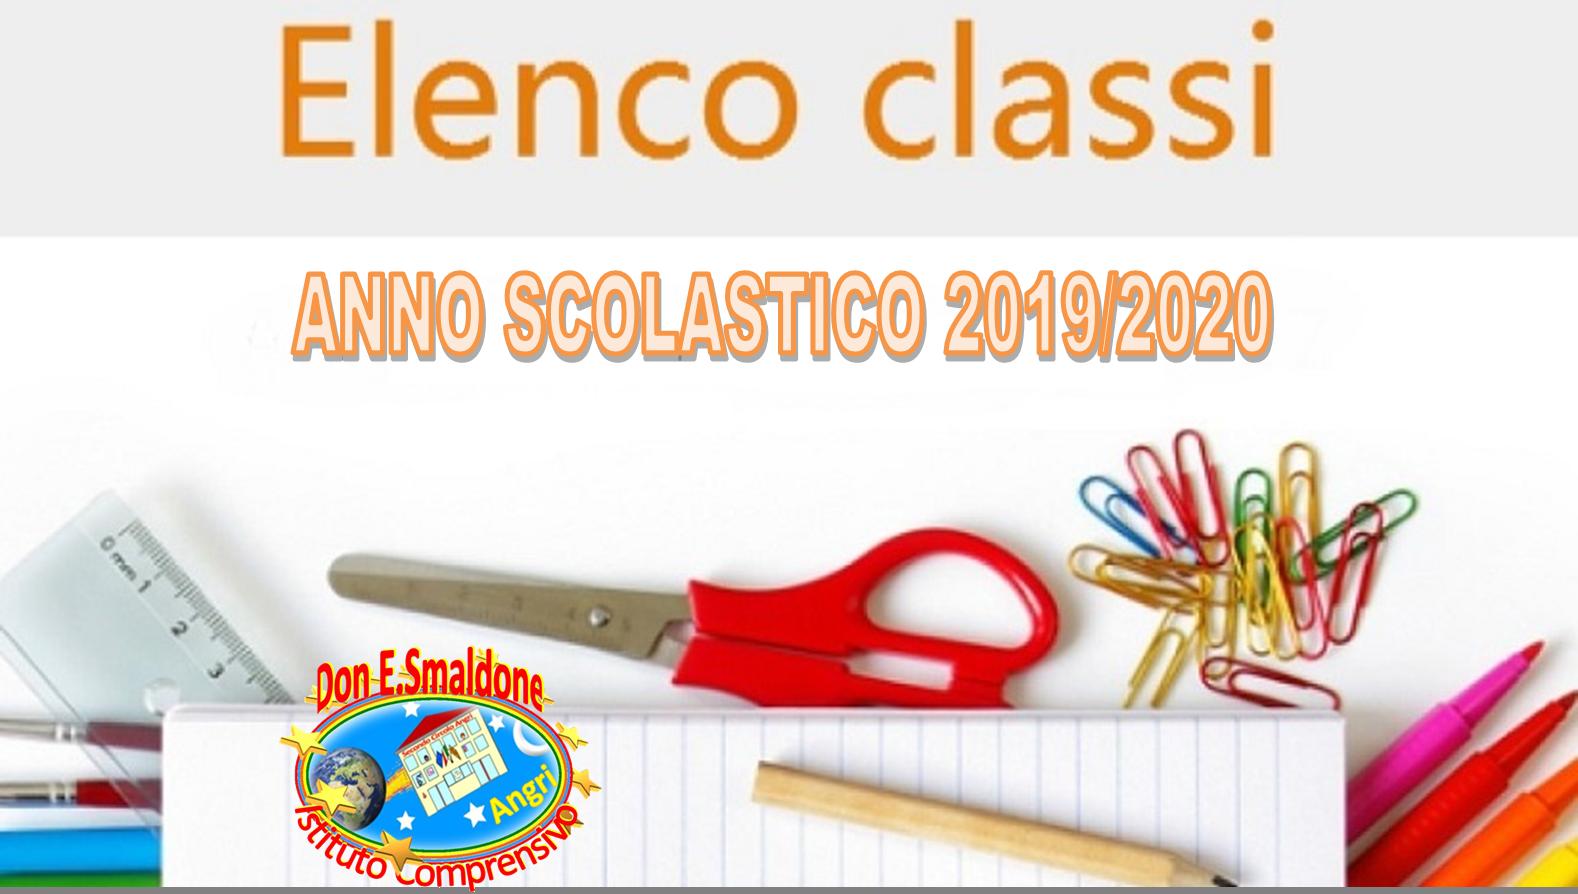 Decreto di pubblicazione classi/sezioni Scuola dell'Infanzia, Scuola Primaria, Scuola Secondaria 1° grado a.s. 2019/2020